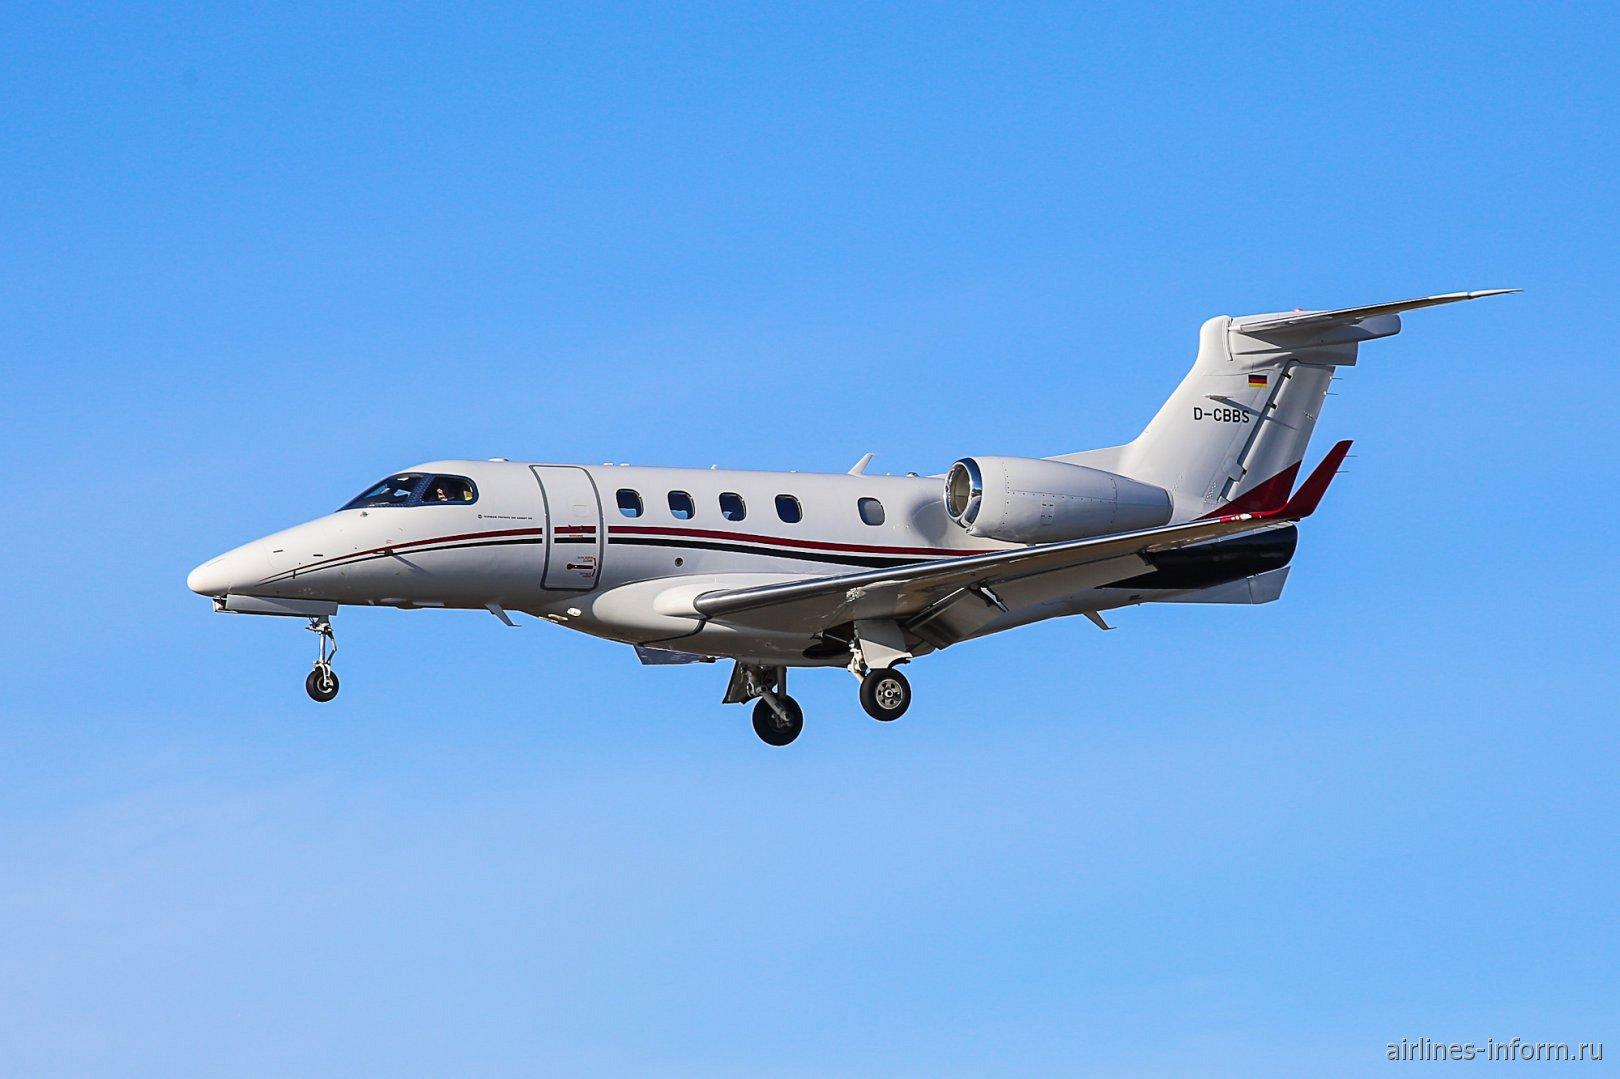 В небе административный самолет Embraer Phenom 300 с бортовым номером D-CBBS